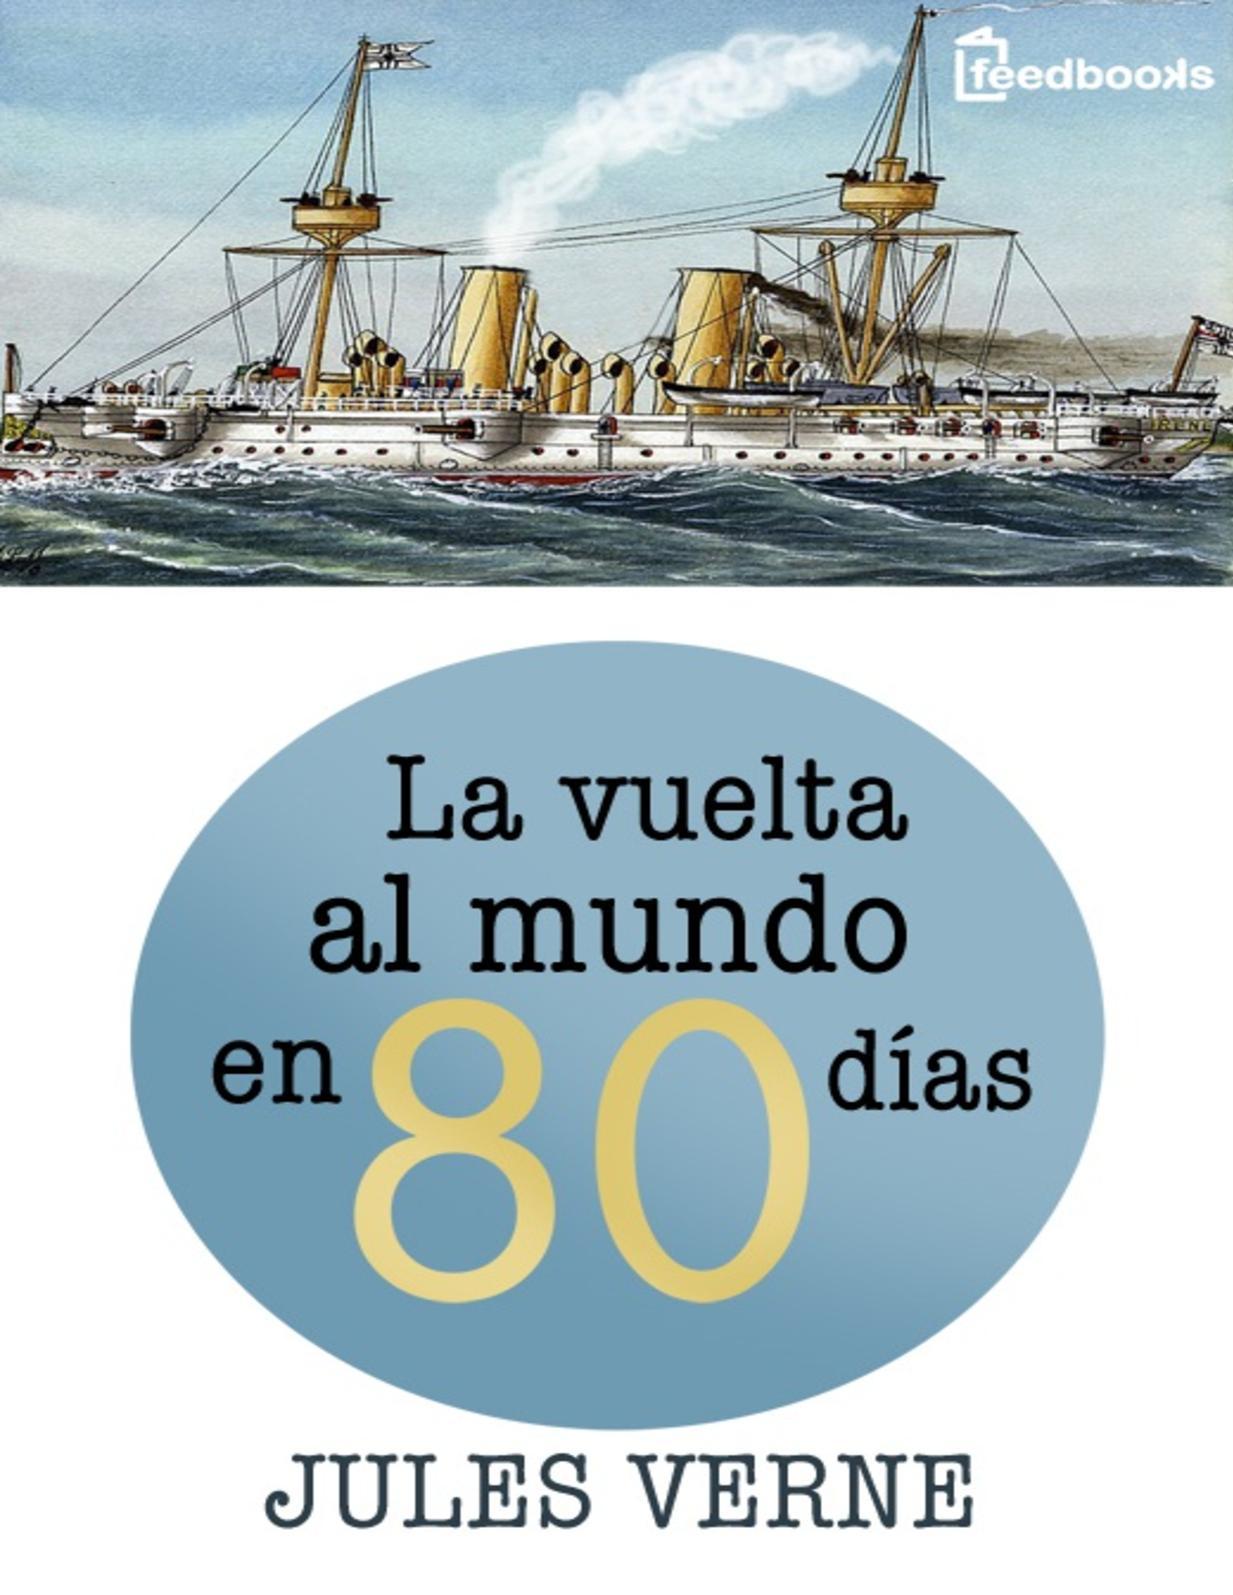 Dias La Mundo En 80 Verne Vuelta Al Julio Calaméo SqzMGjLUVp